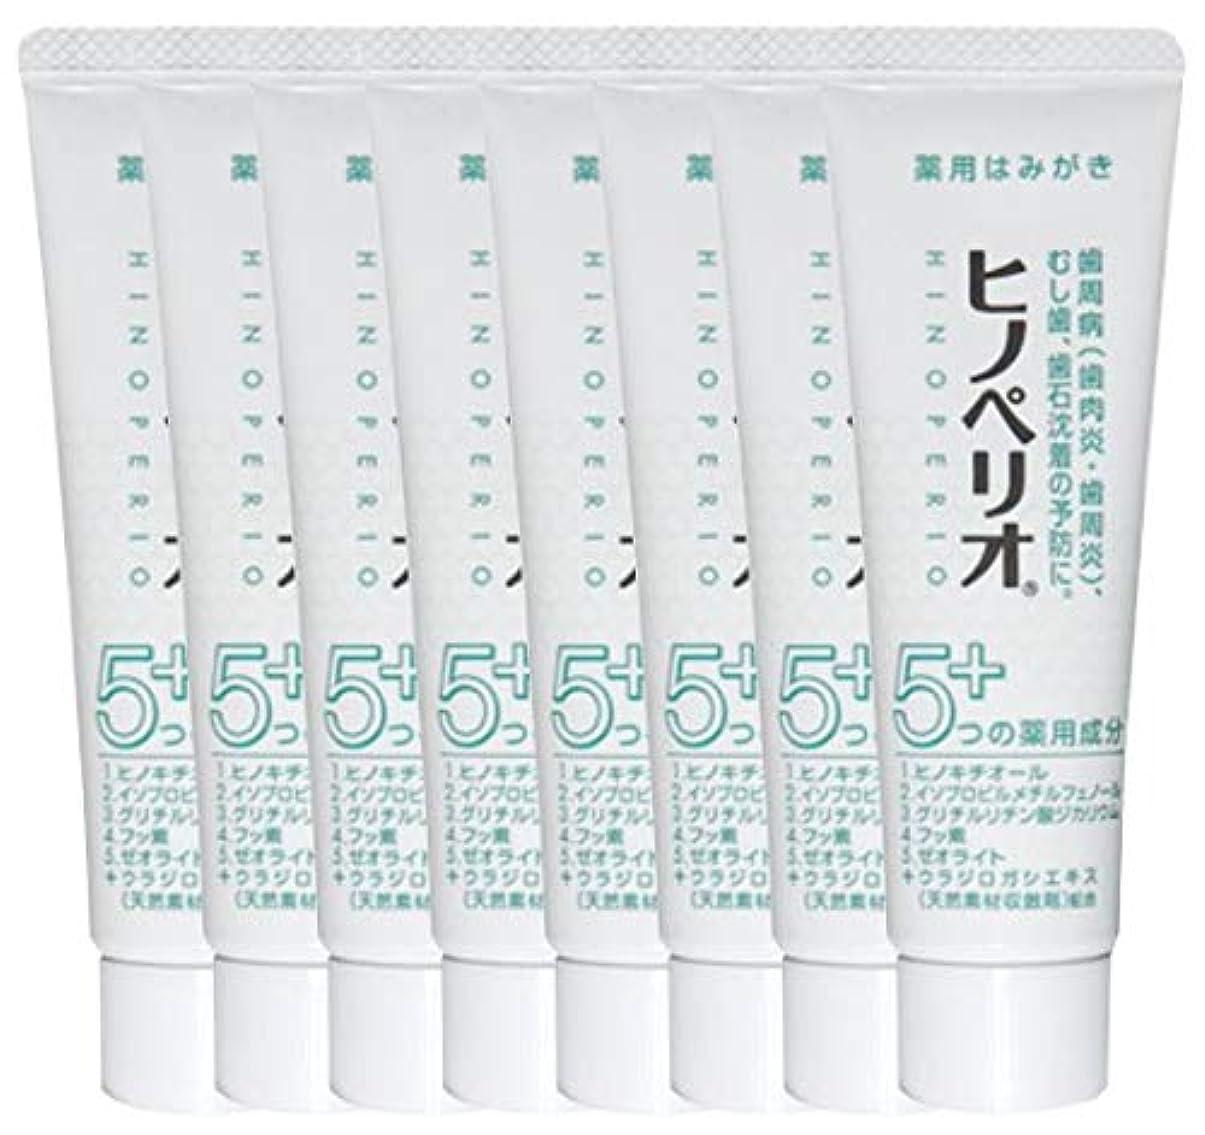 風味クラックポット宇宙昭和薬品 ヒノペリオ60g 医薬部外品 × 8本